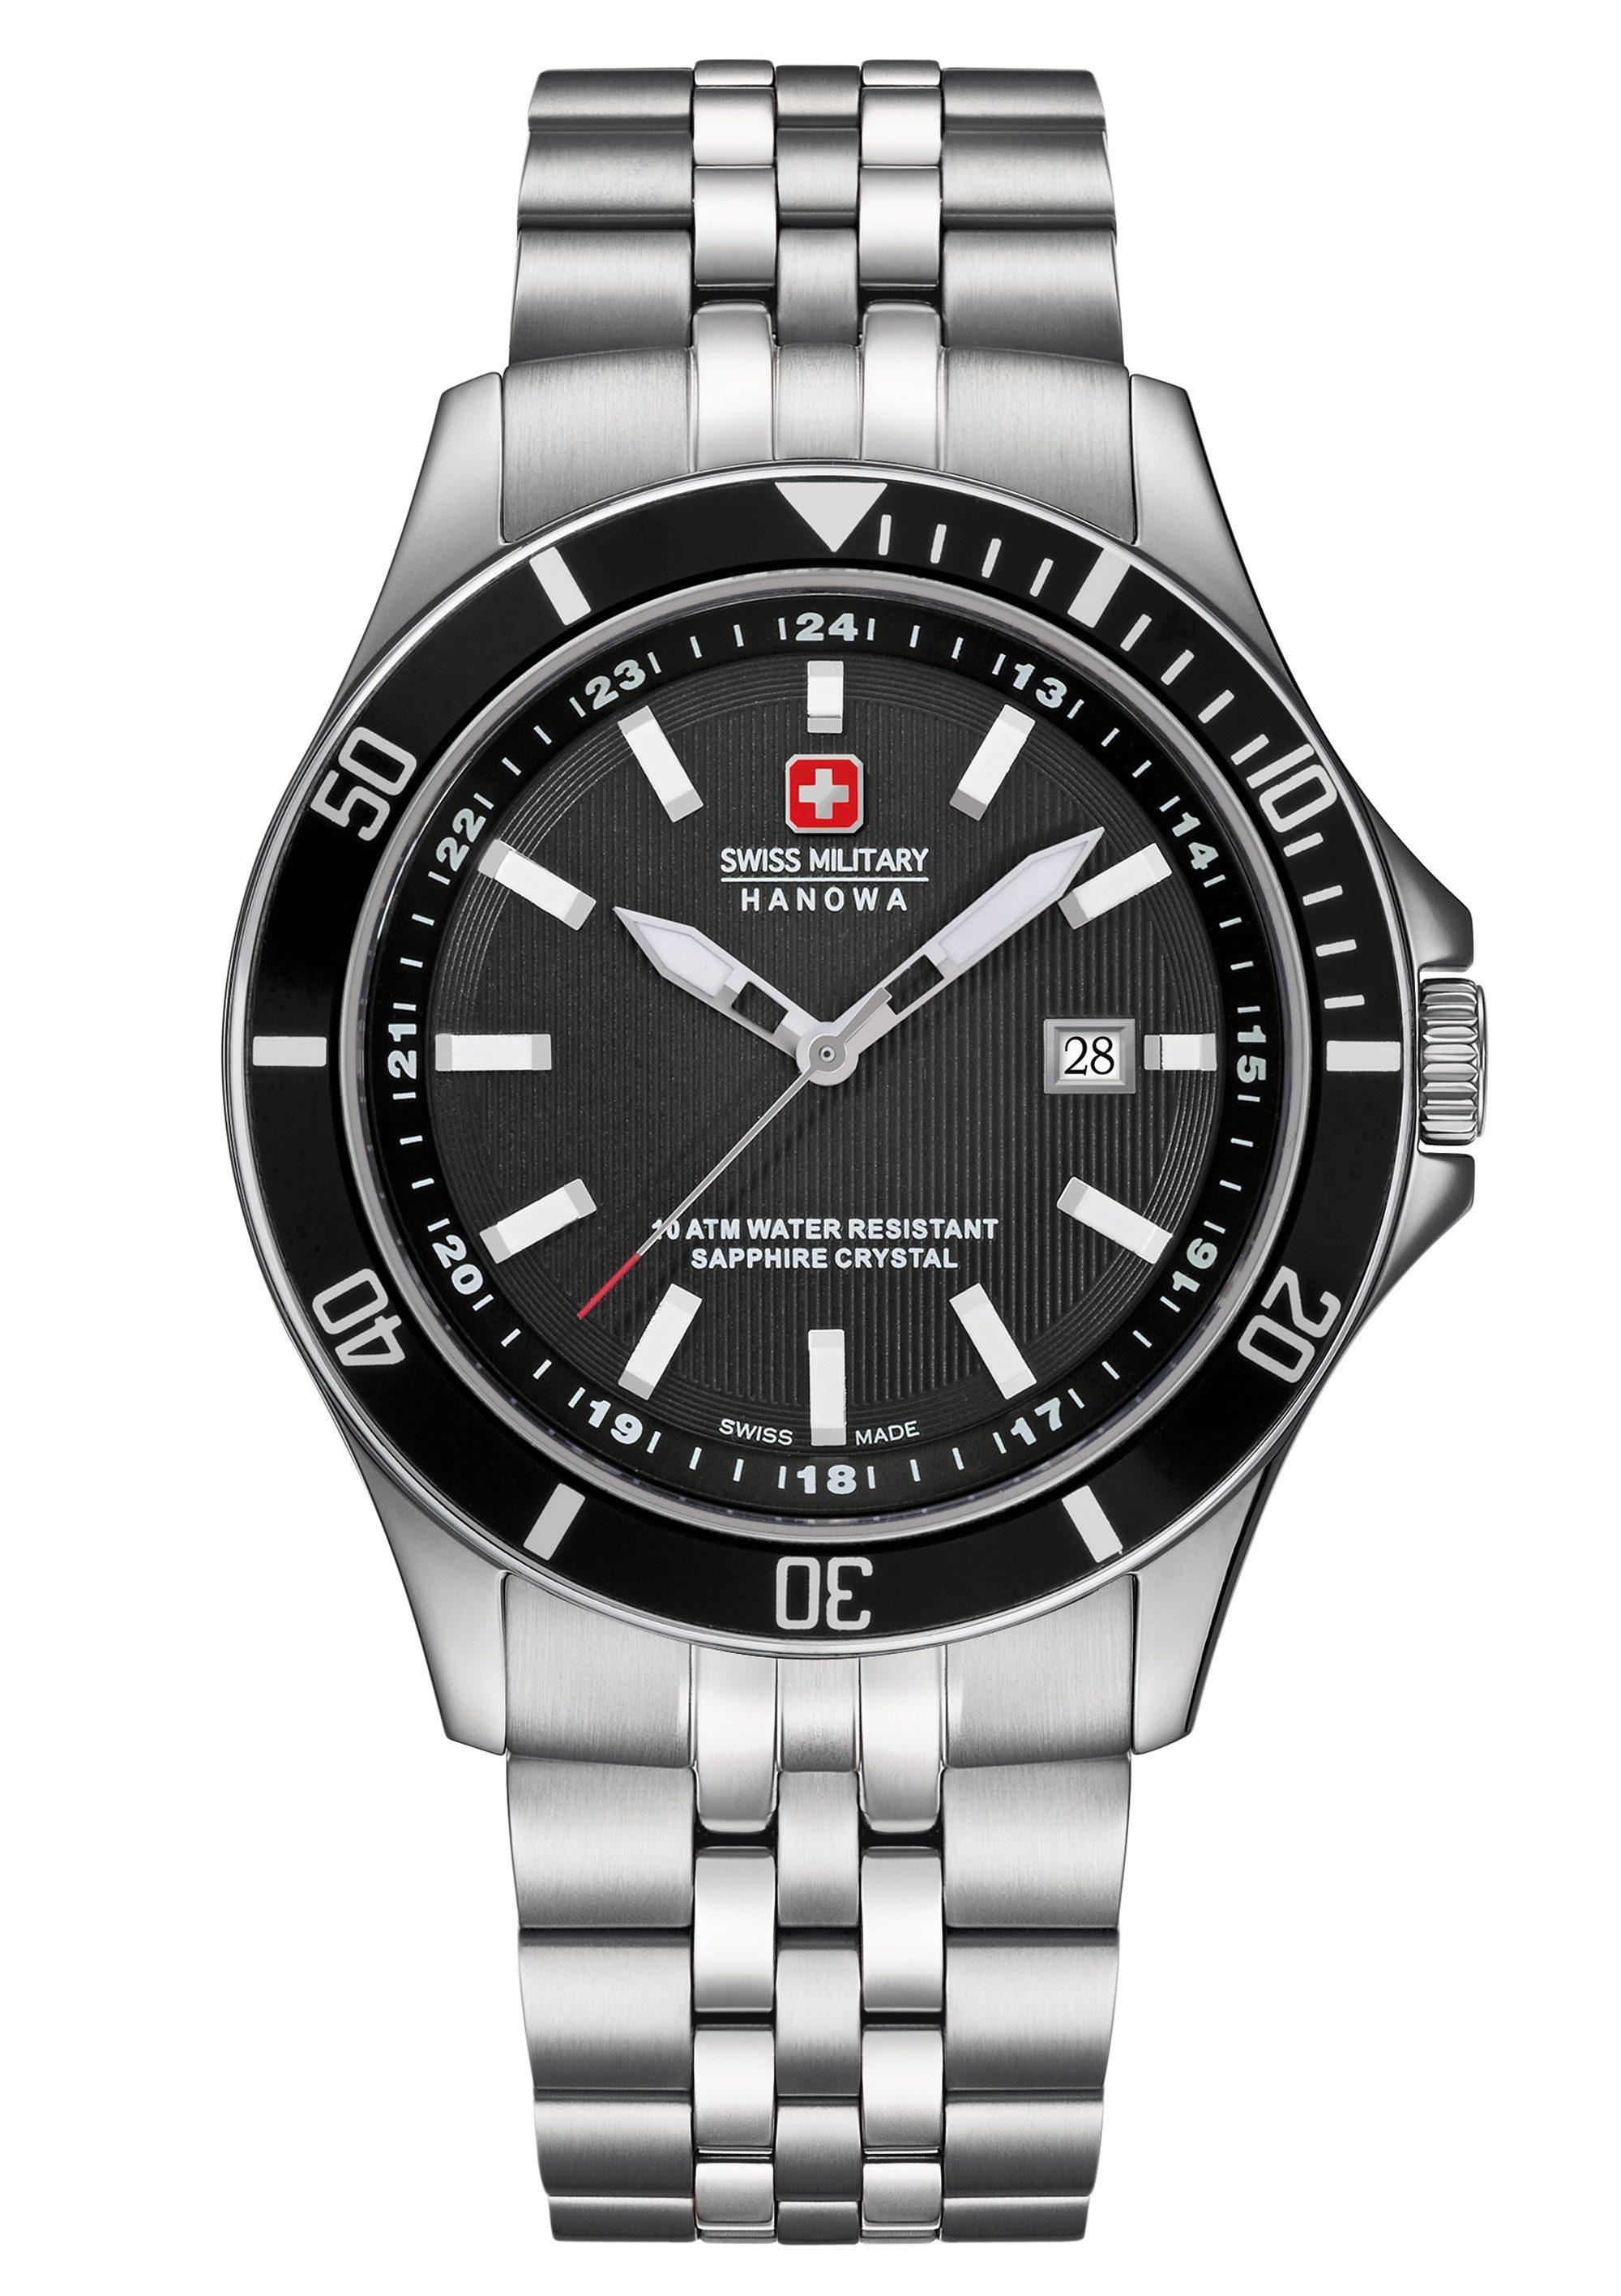 Swiss Military Hanowa Schweizer Uhr »FLAGSHIP, 06-5161.2.04.007« | Uhren > Schweizer Uhren | SWISS MILITARY HANOWA